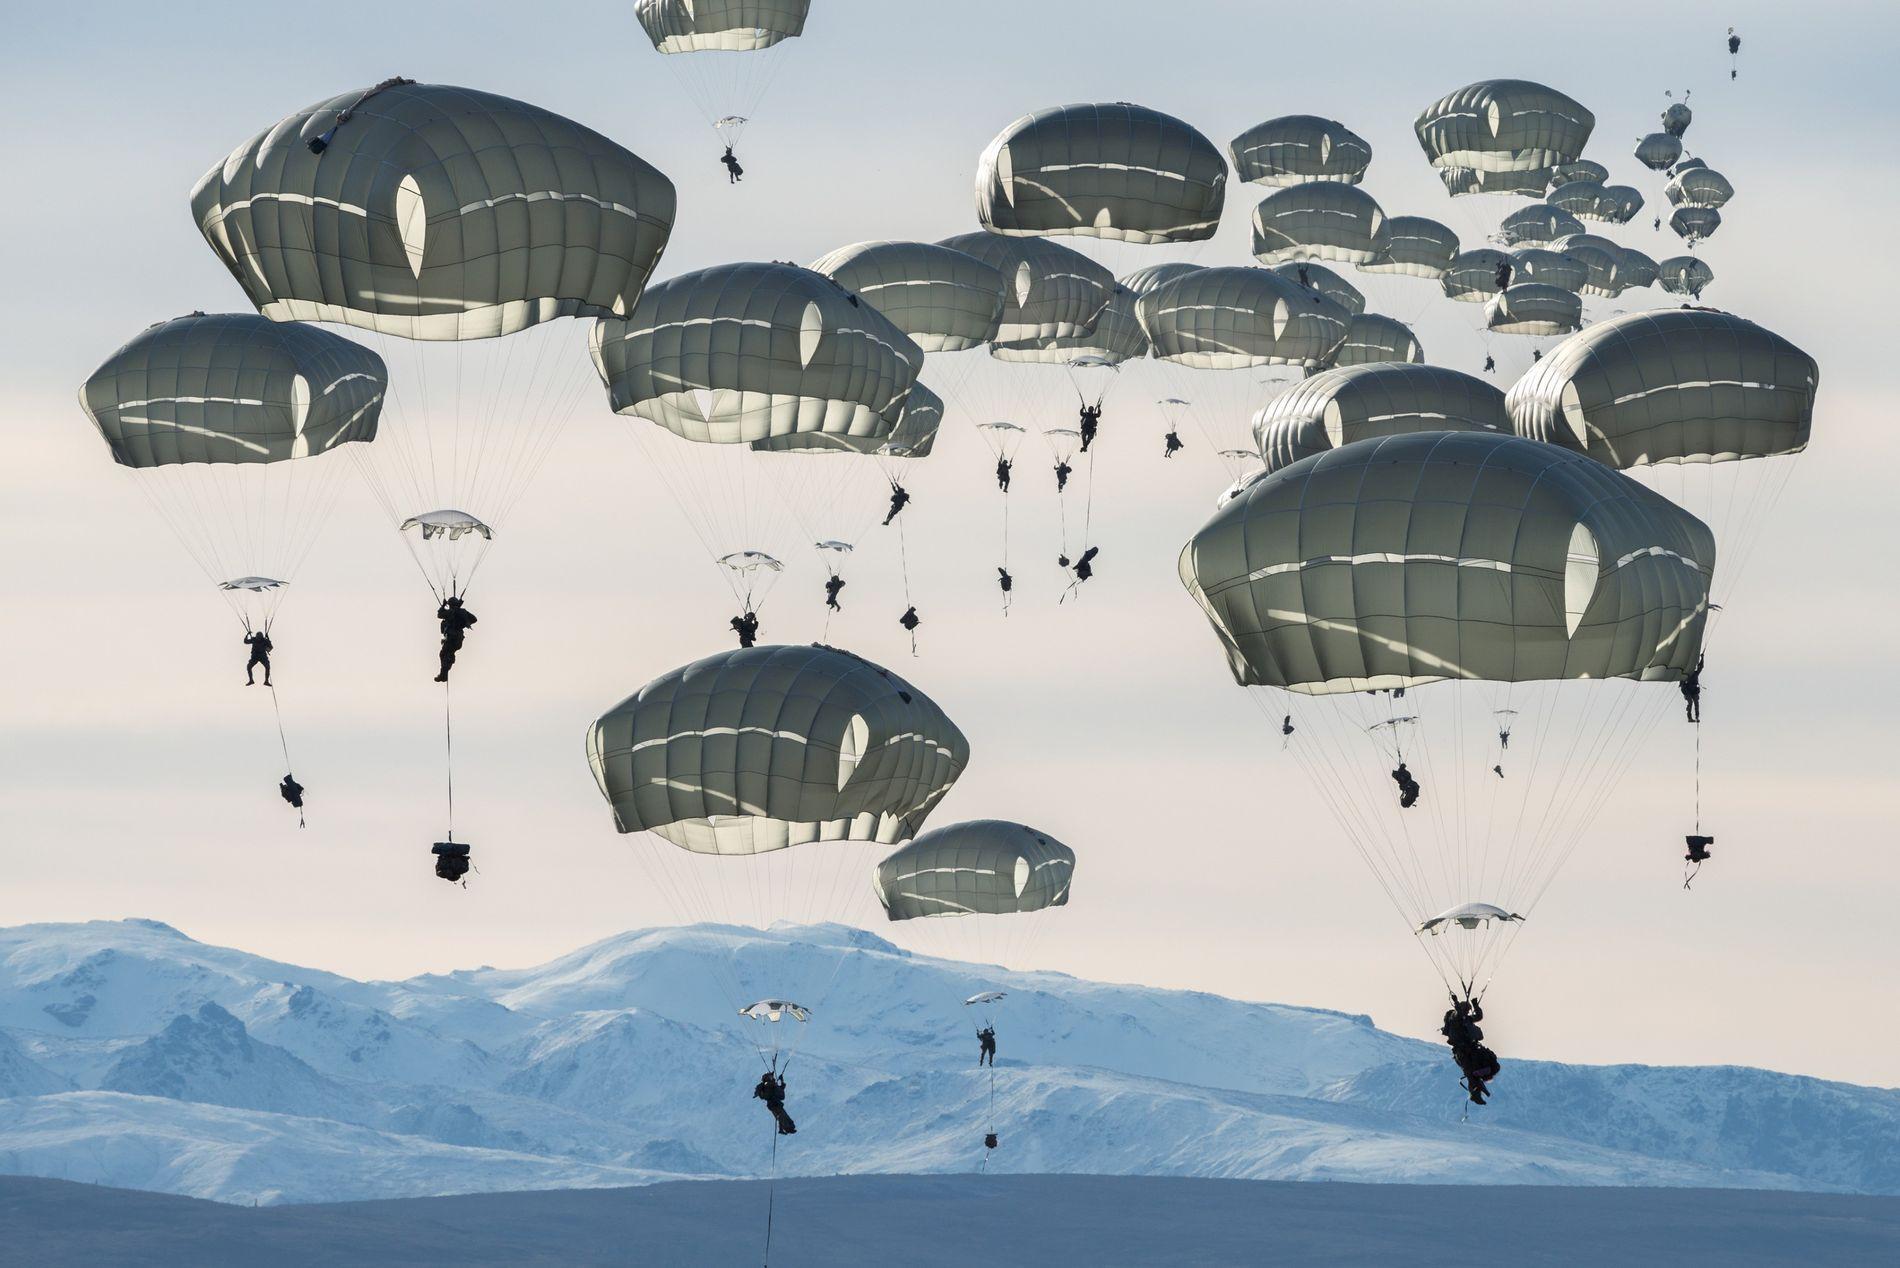 Cerca de 400 soldados norte-americanos praticam saltos de paraquedas, perto de Fort Greely, no Alasca. Este ...